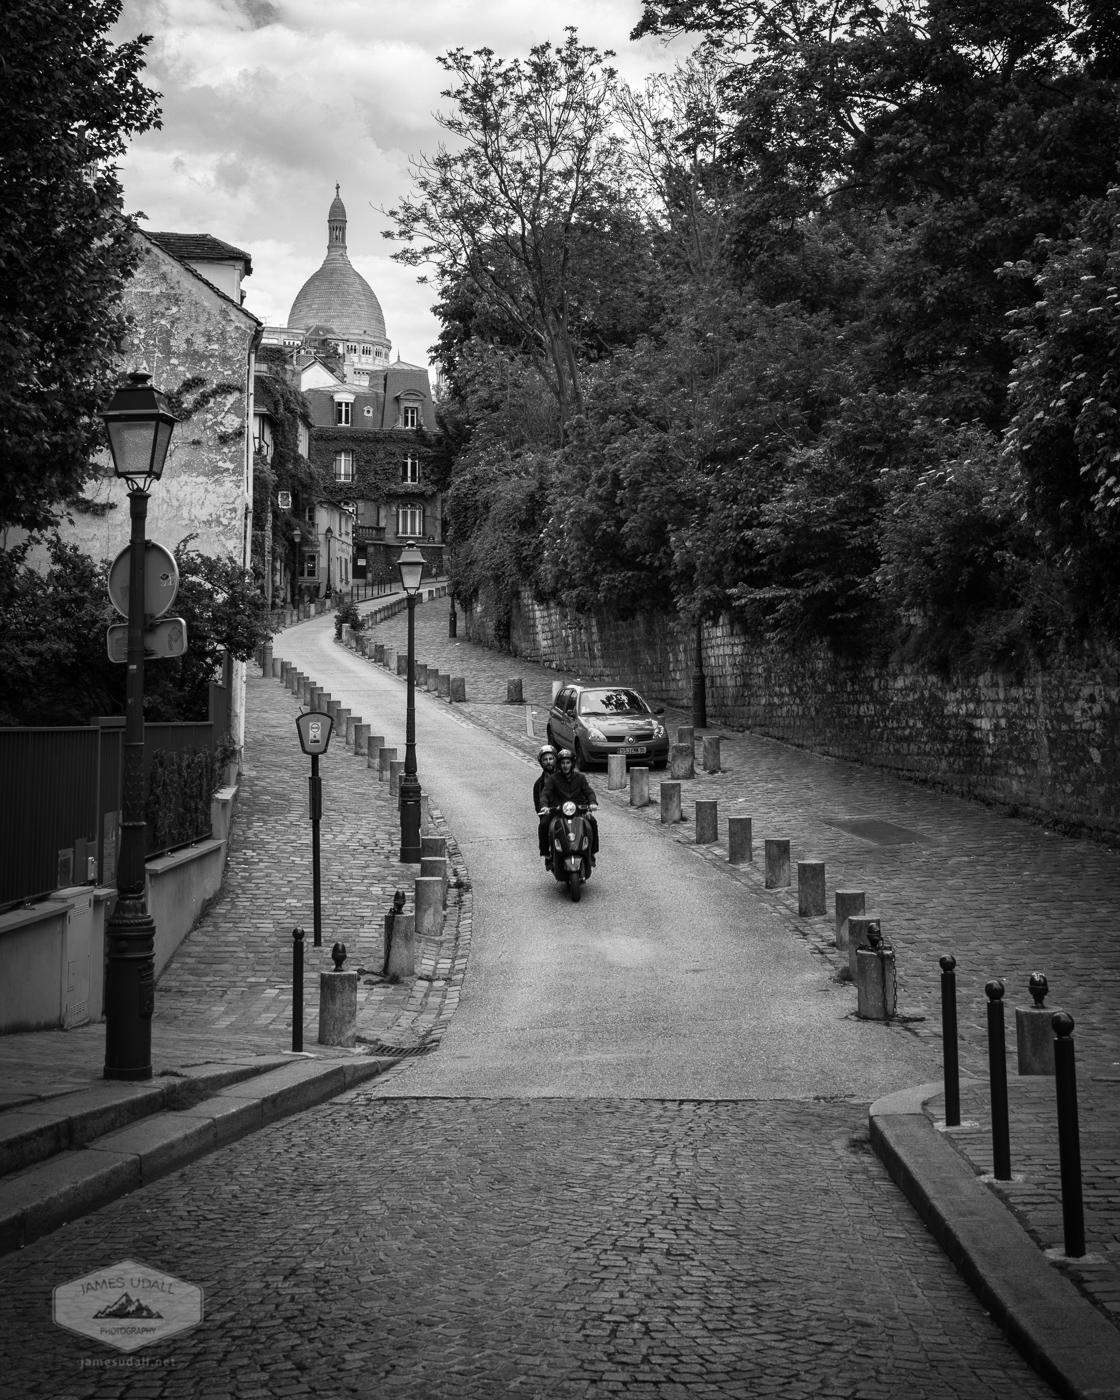 Street below Sacre Coeur